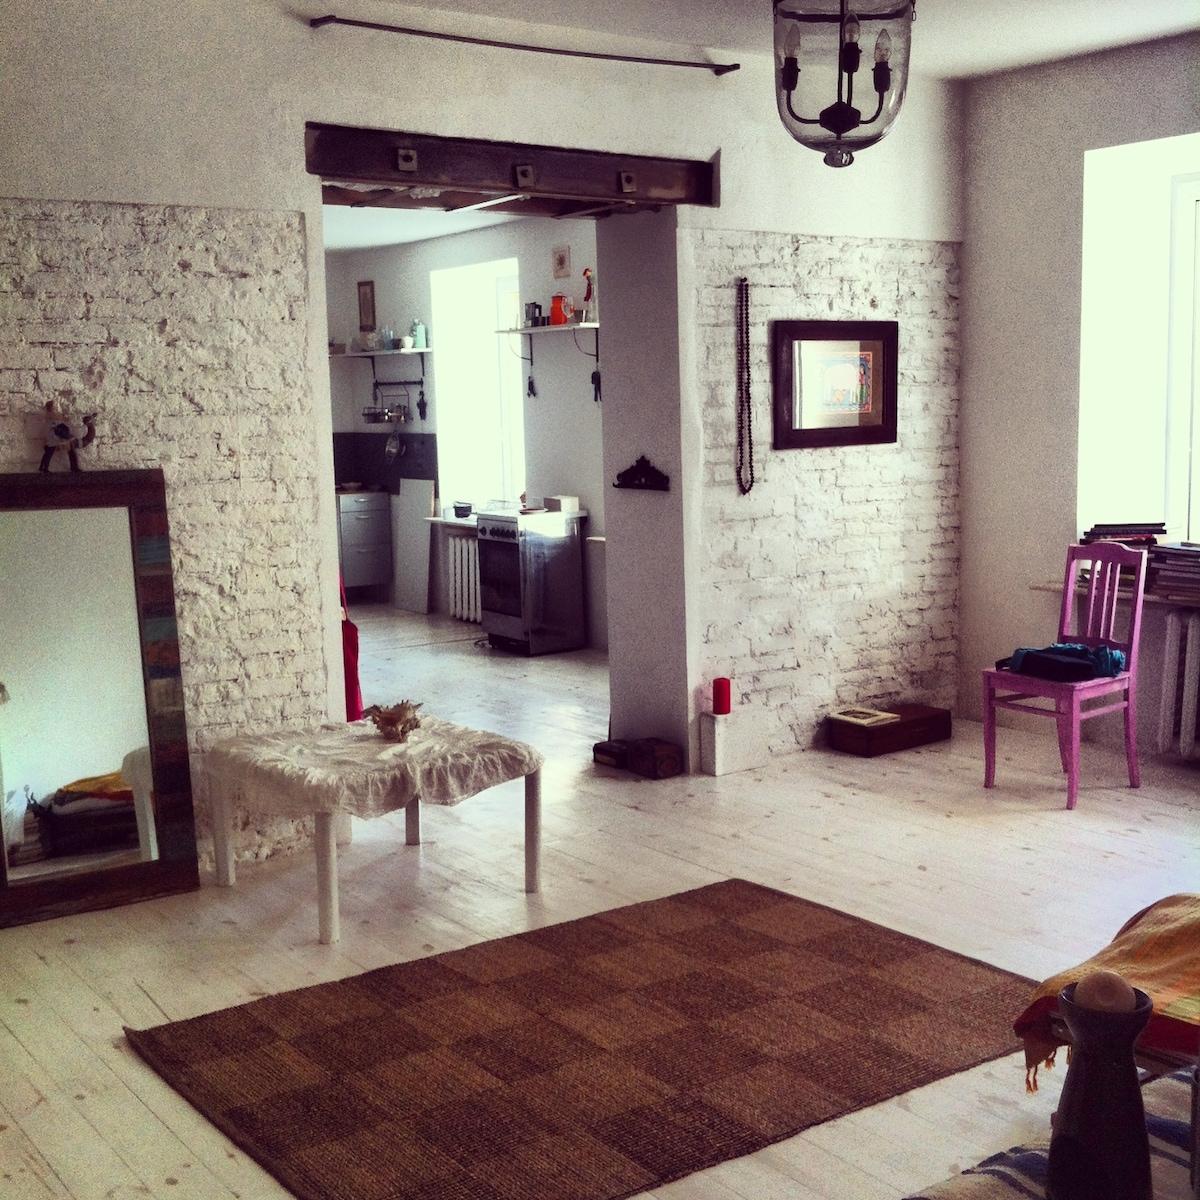 102m studio-apart in the center SPb